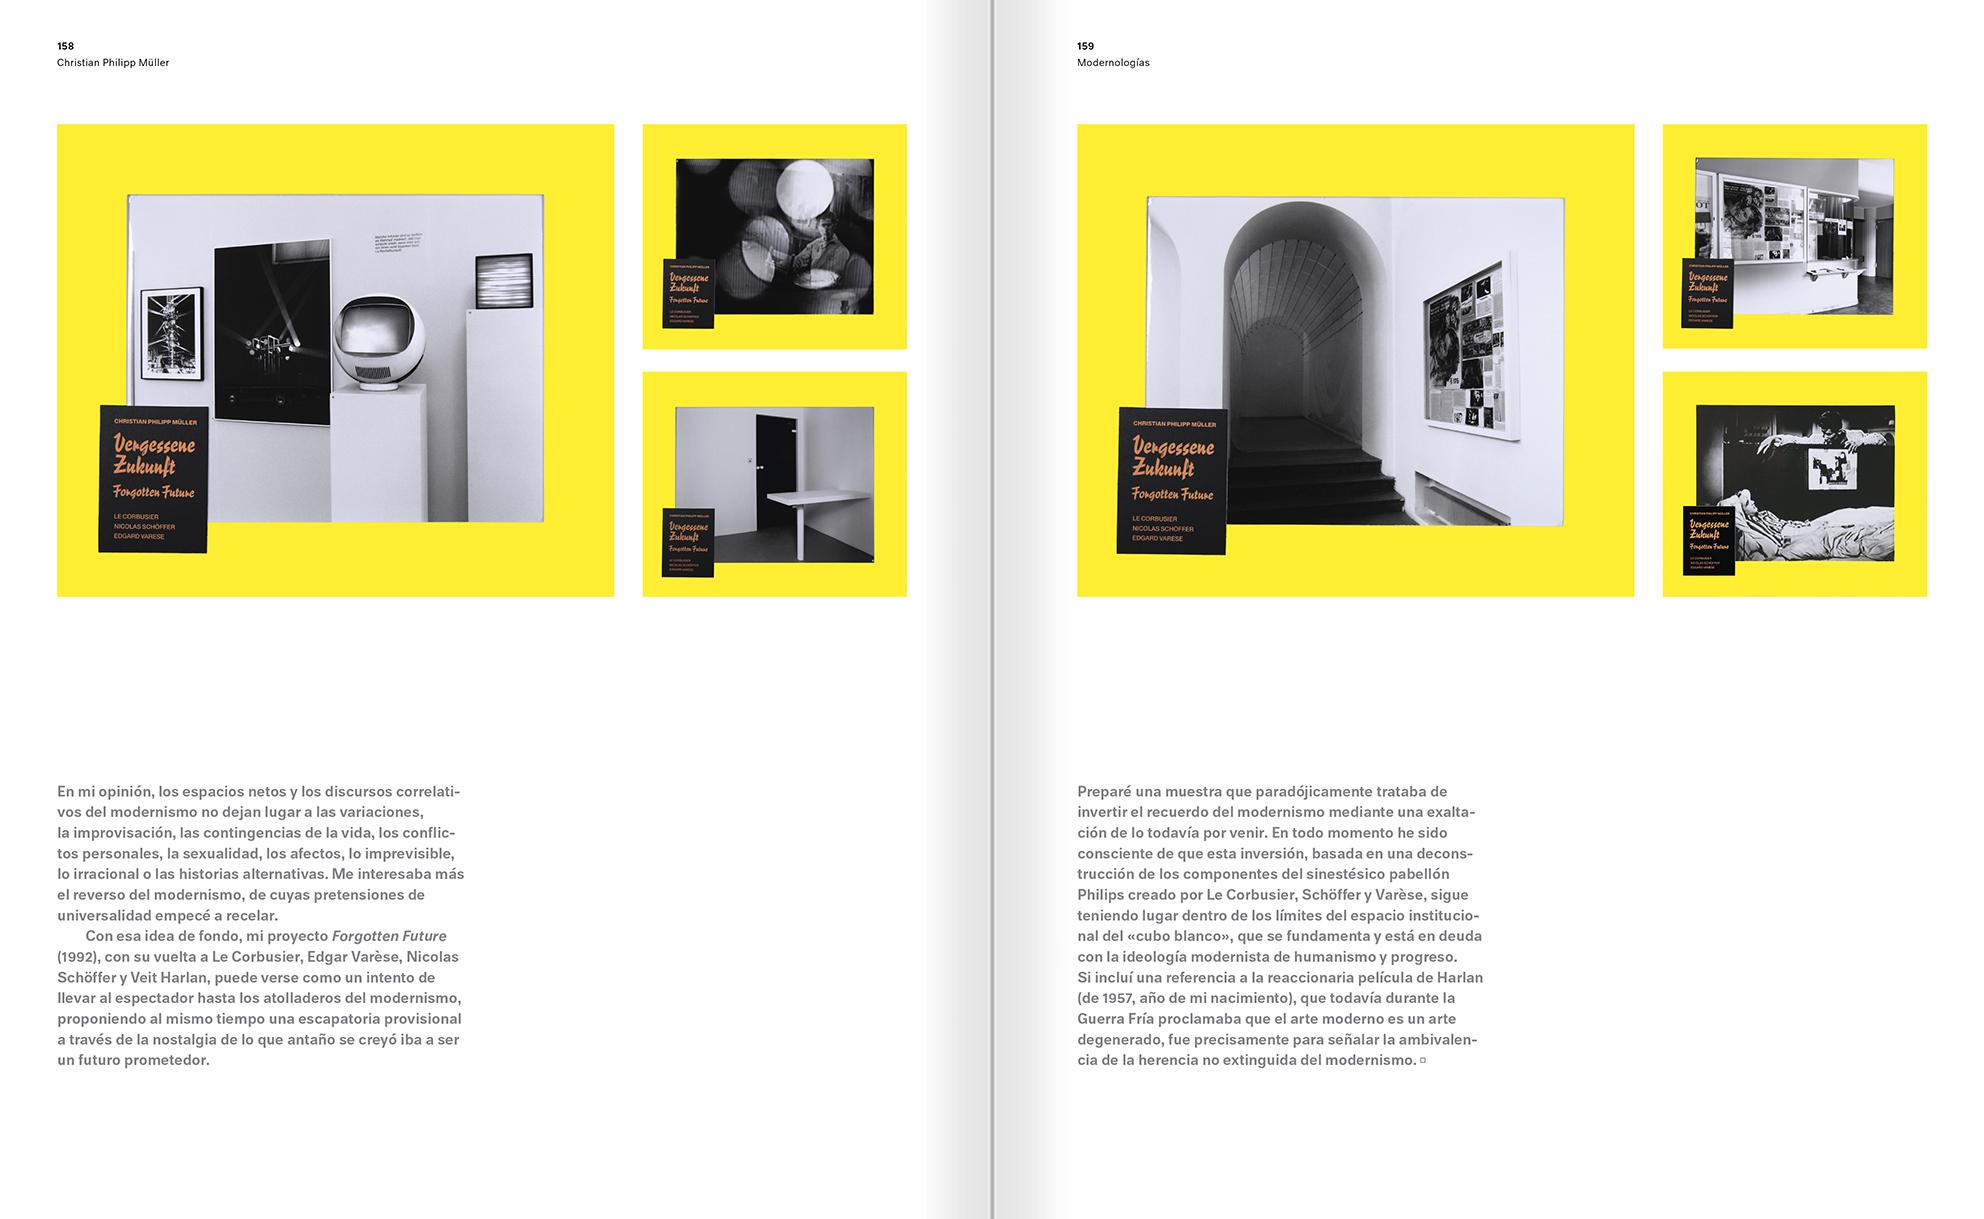 """Selección del catálogo """"Modernologías. Artistas contemporáneos investigan la modernidad y el modernismo"""" páginas 158 y 159"""